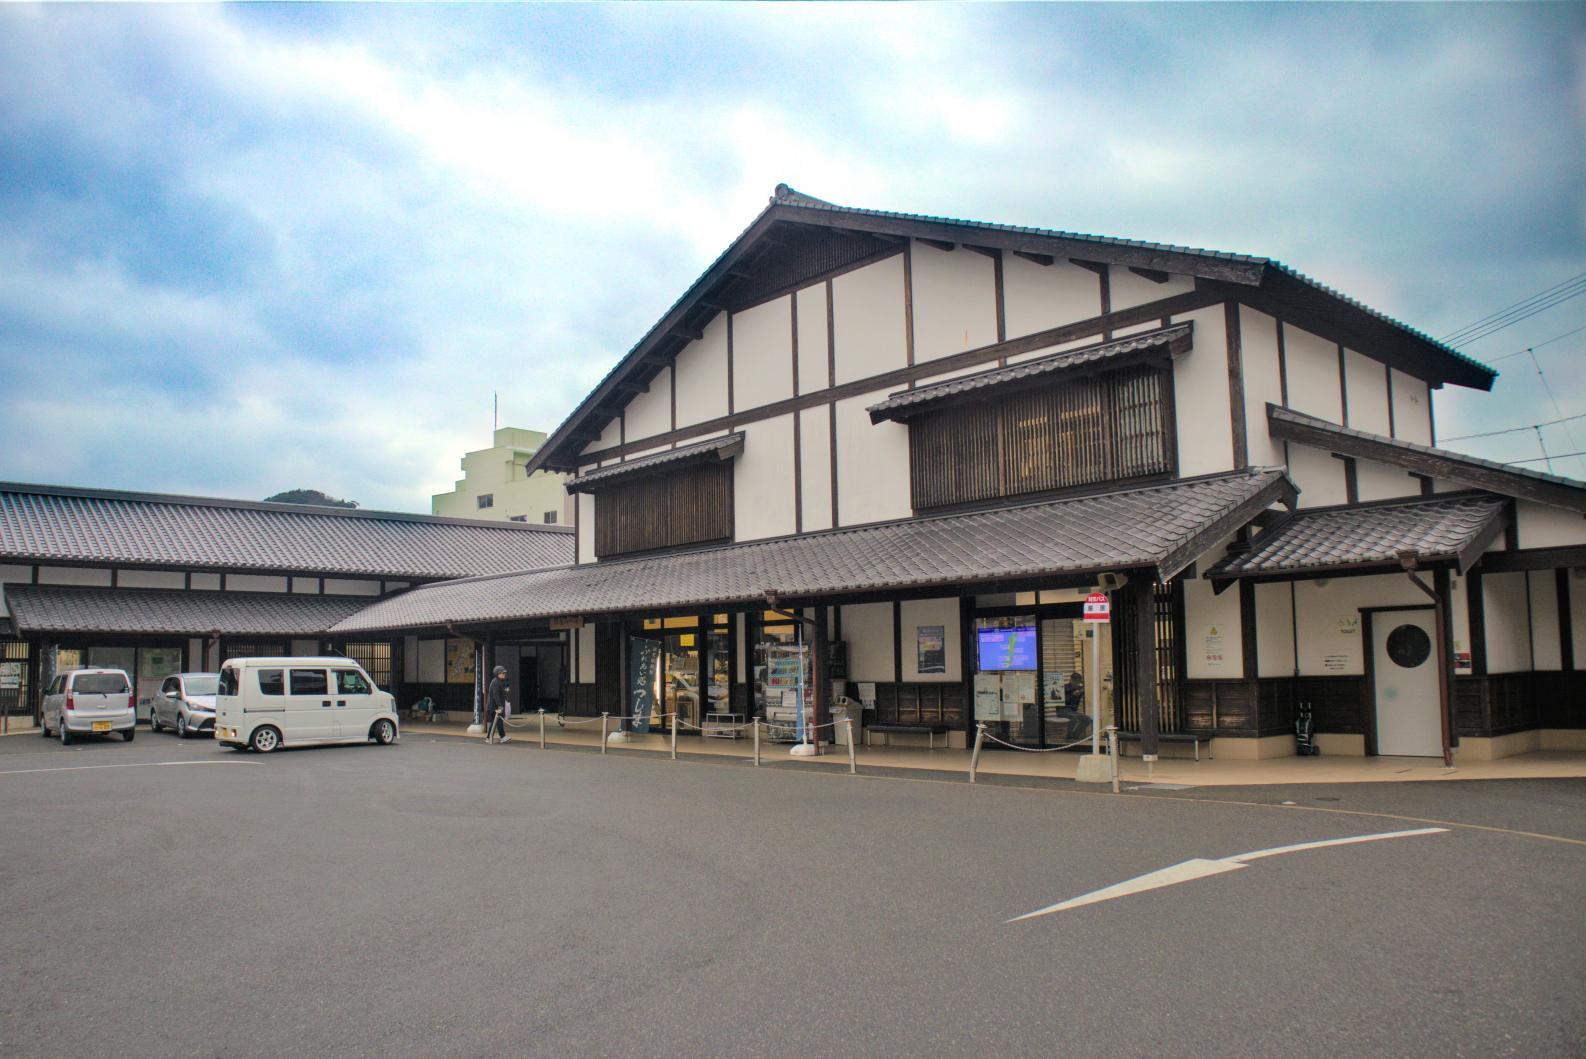 【Day 3】Fureai Dokoro Tsushima Tourist Information Center-1